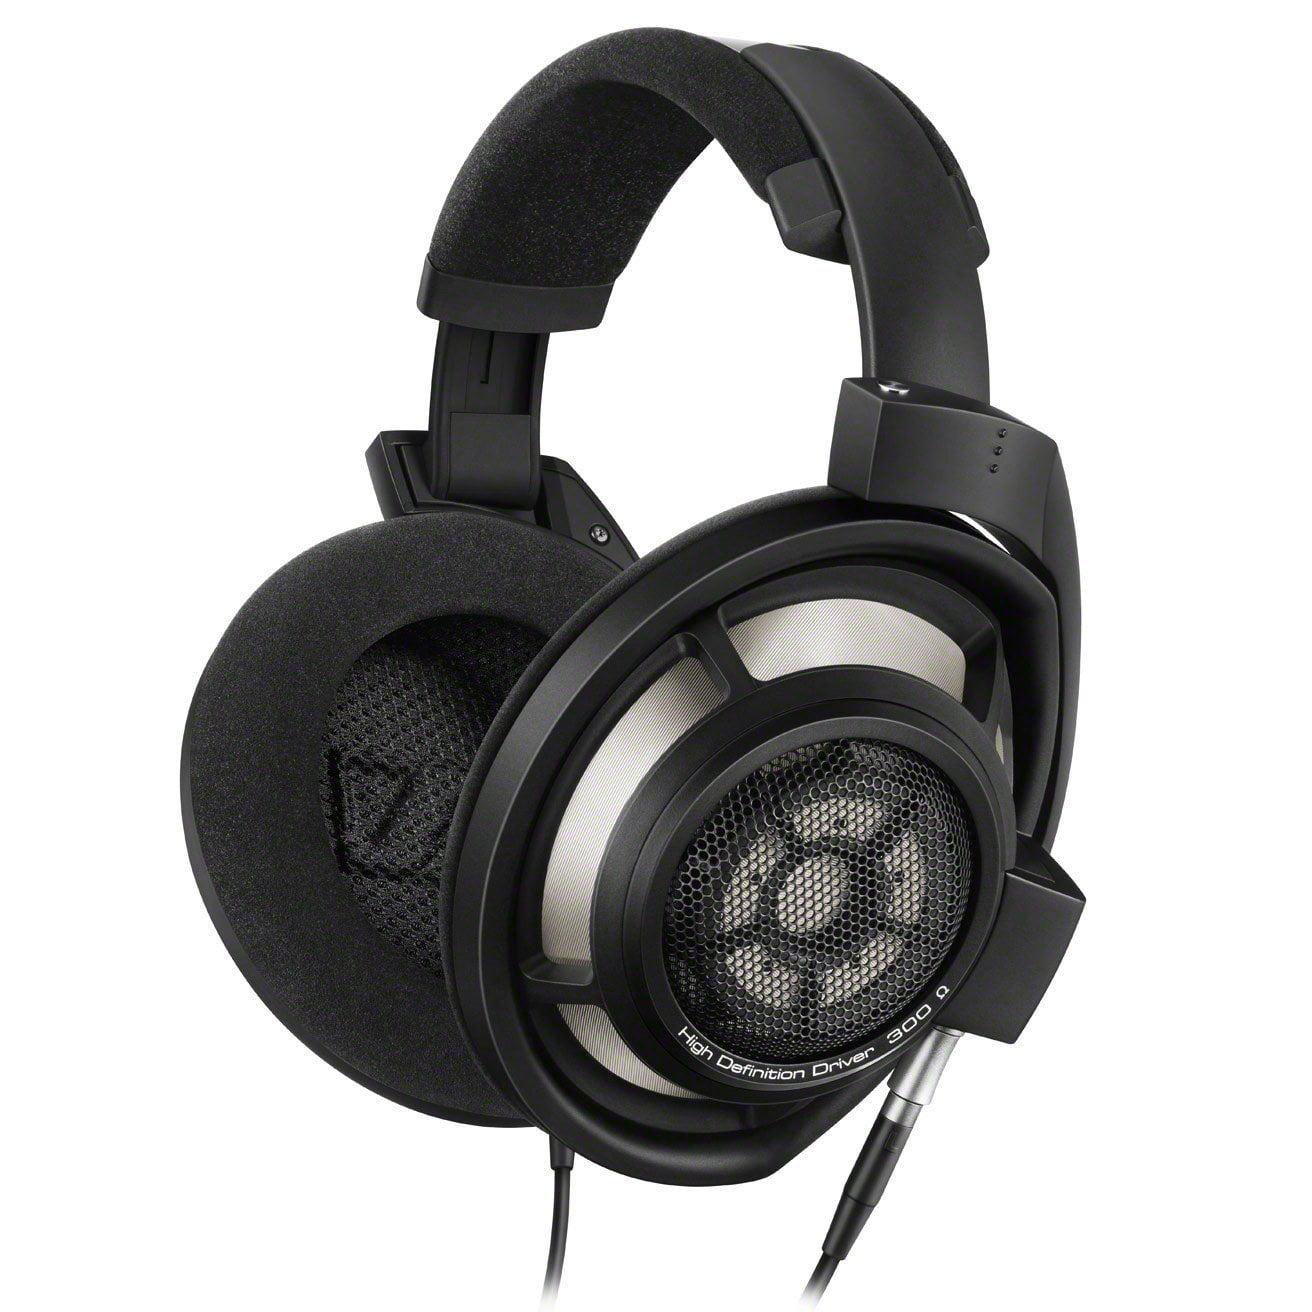 Sennheiser HD 800 S Reference Headphone System by Sennheiser